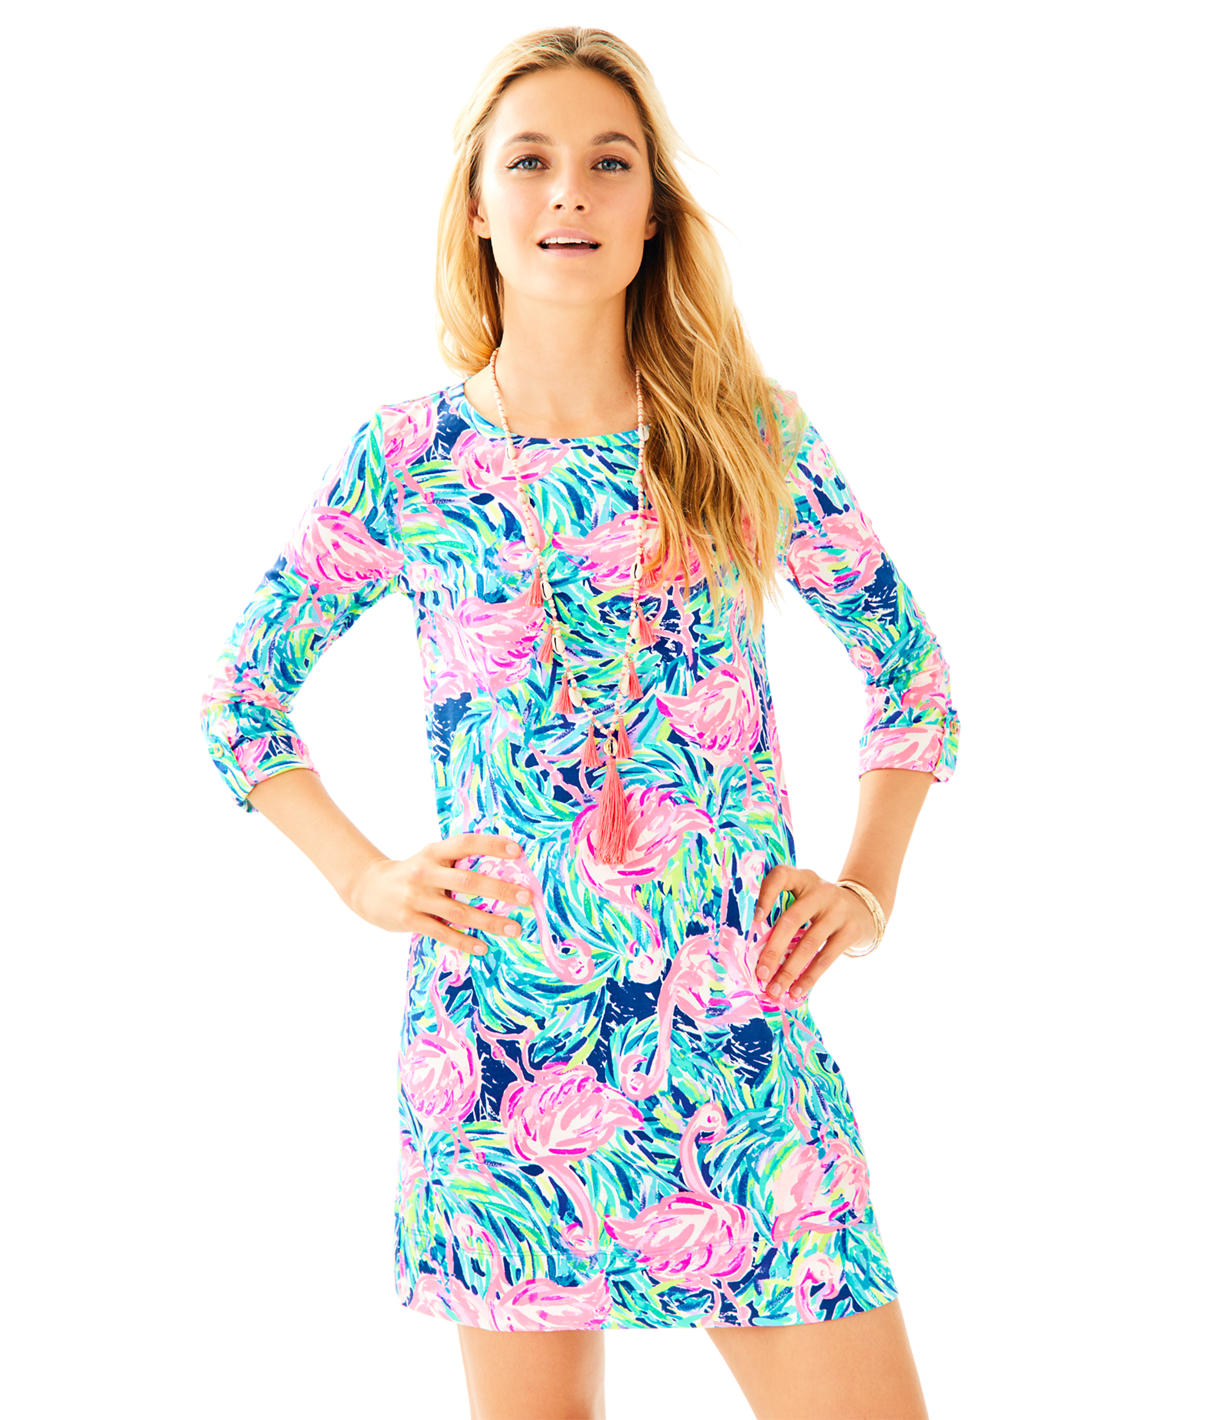 Lilly Pulitzer Linden A-Line T-Shirt Dress